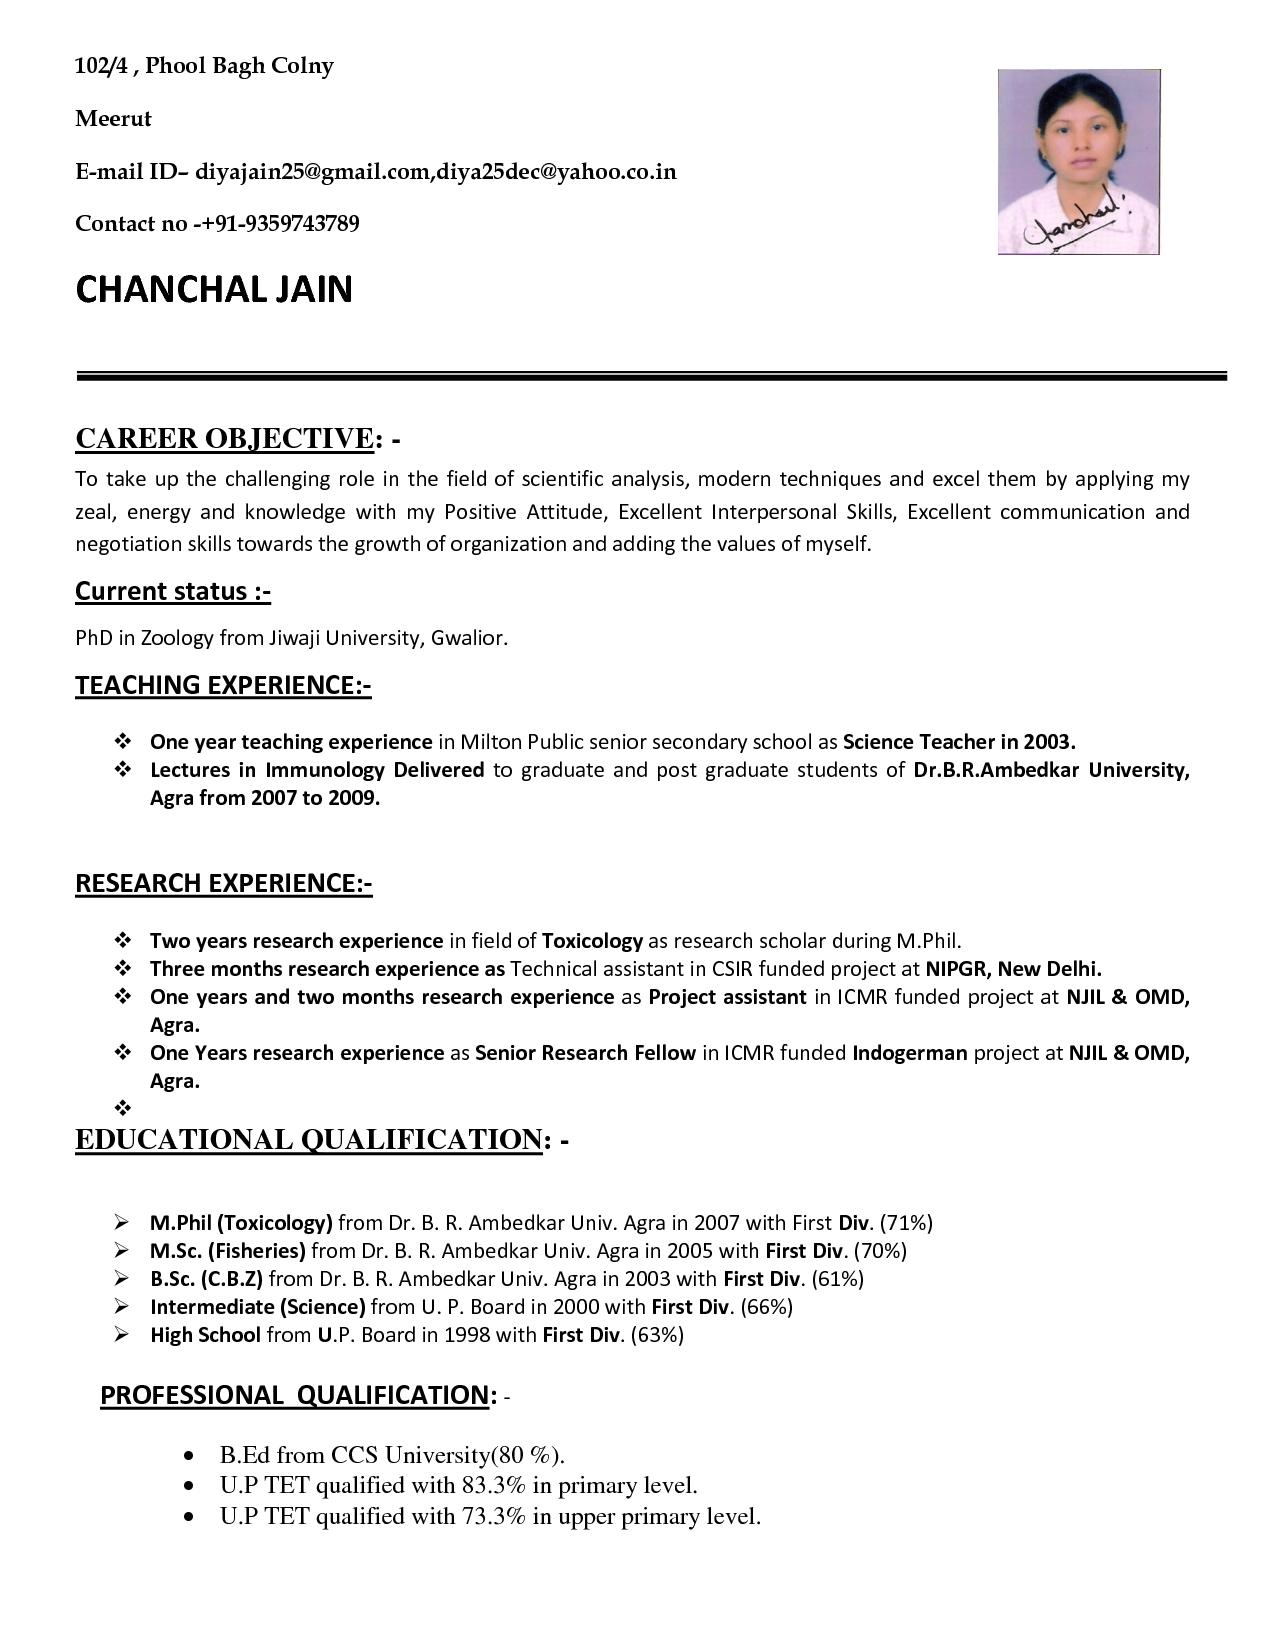 resume for freshers bank jobs resume maker create professional resume for freshers bank jobs all jobs freshers jobs 2017 govt jobs walkins 2017 it